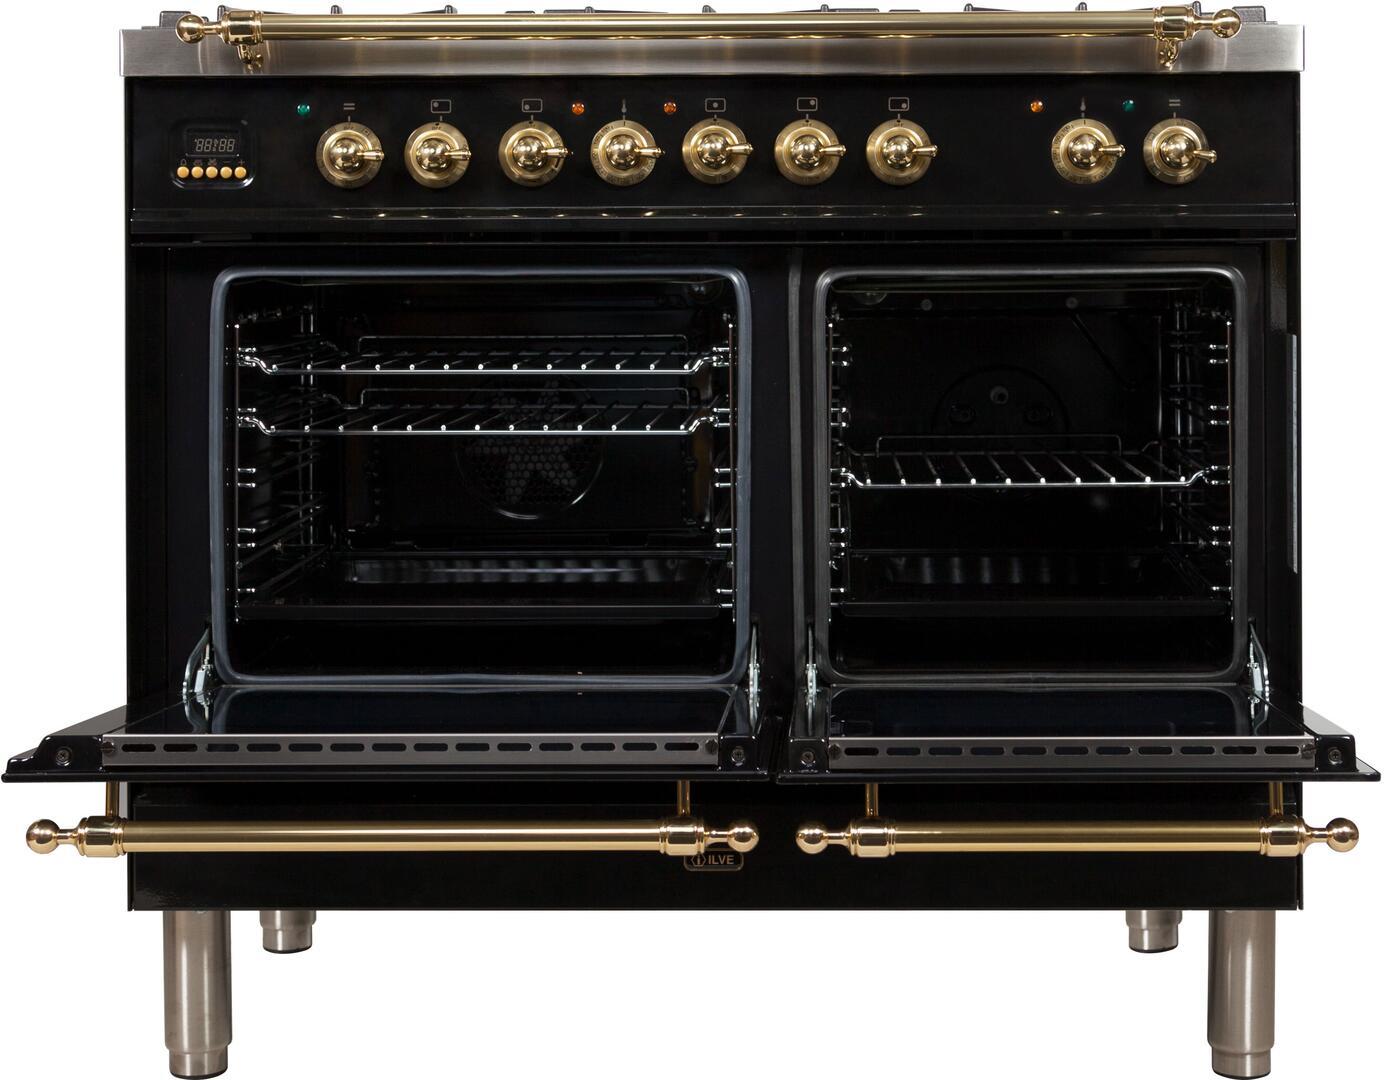 Ilve Nostalgie UPDN100FDMPNLP Freestanding Dual Fuel Range Black, UPDN100FDMPNLP Oven Doors Opened